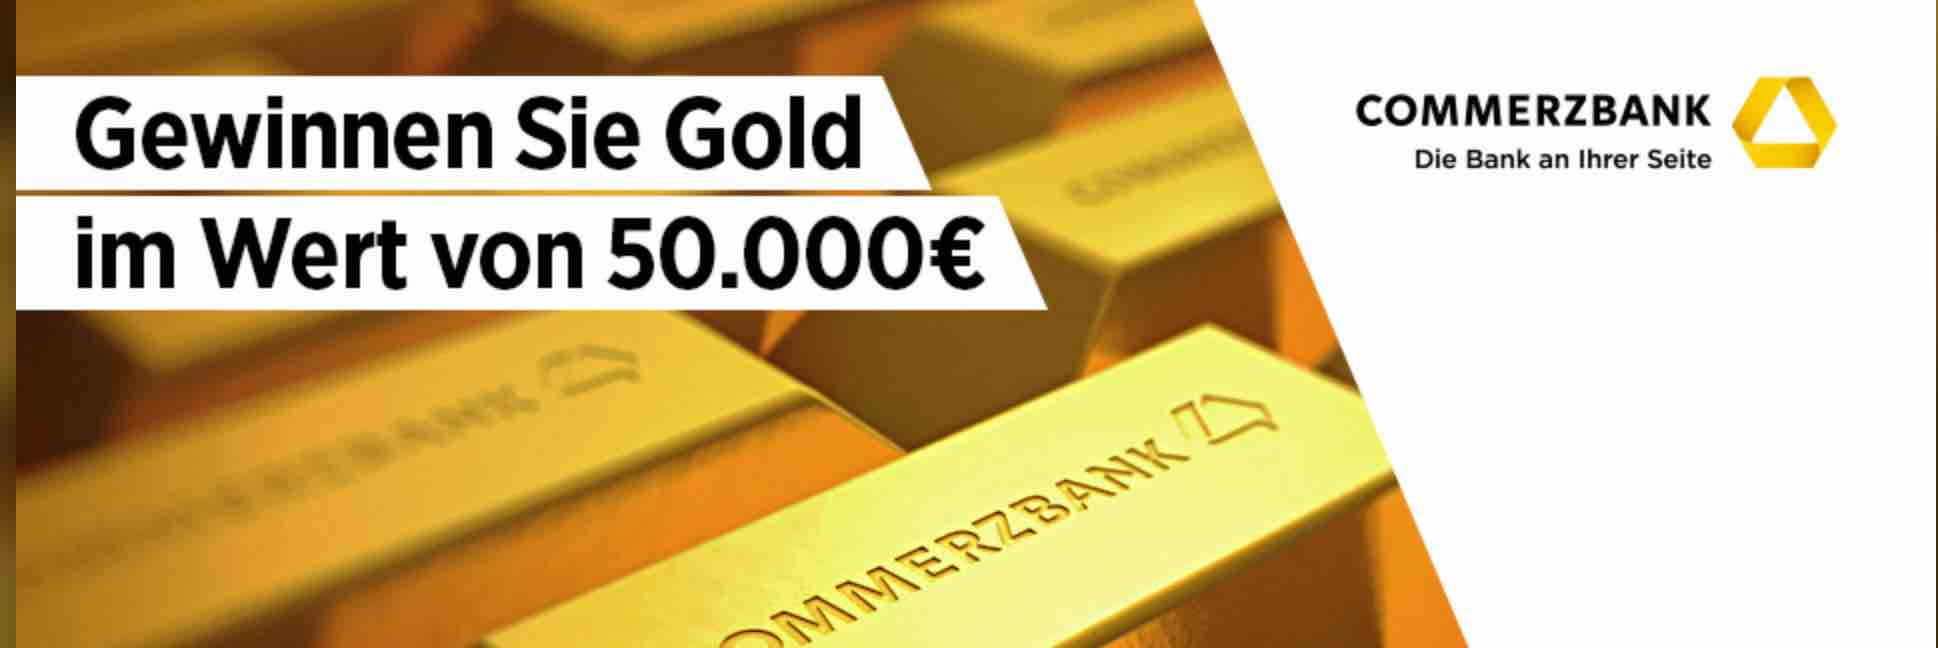 Commerzbank gewinnspiel seriös